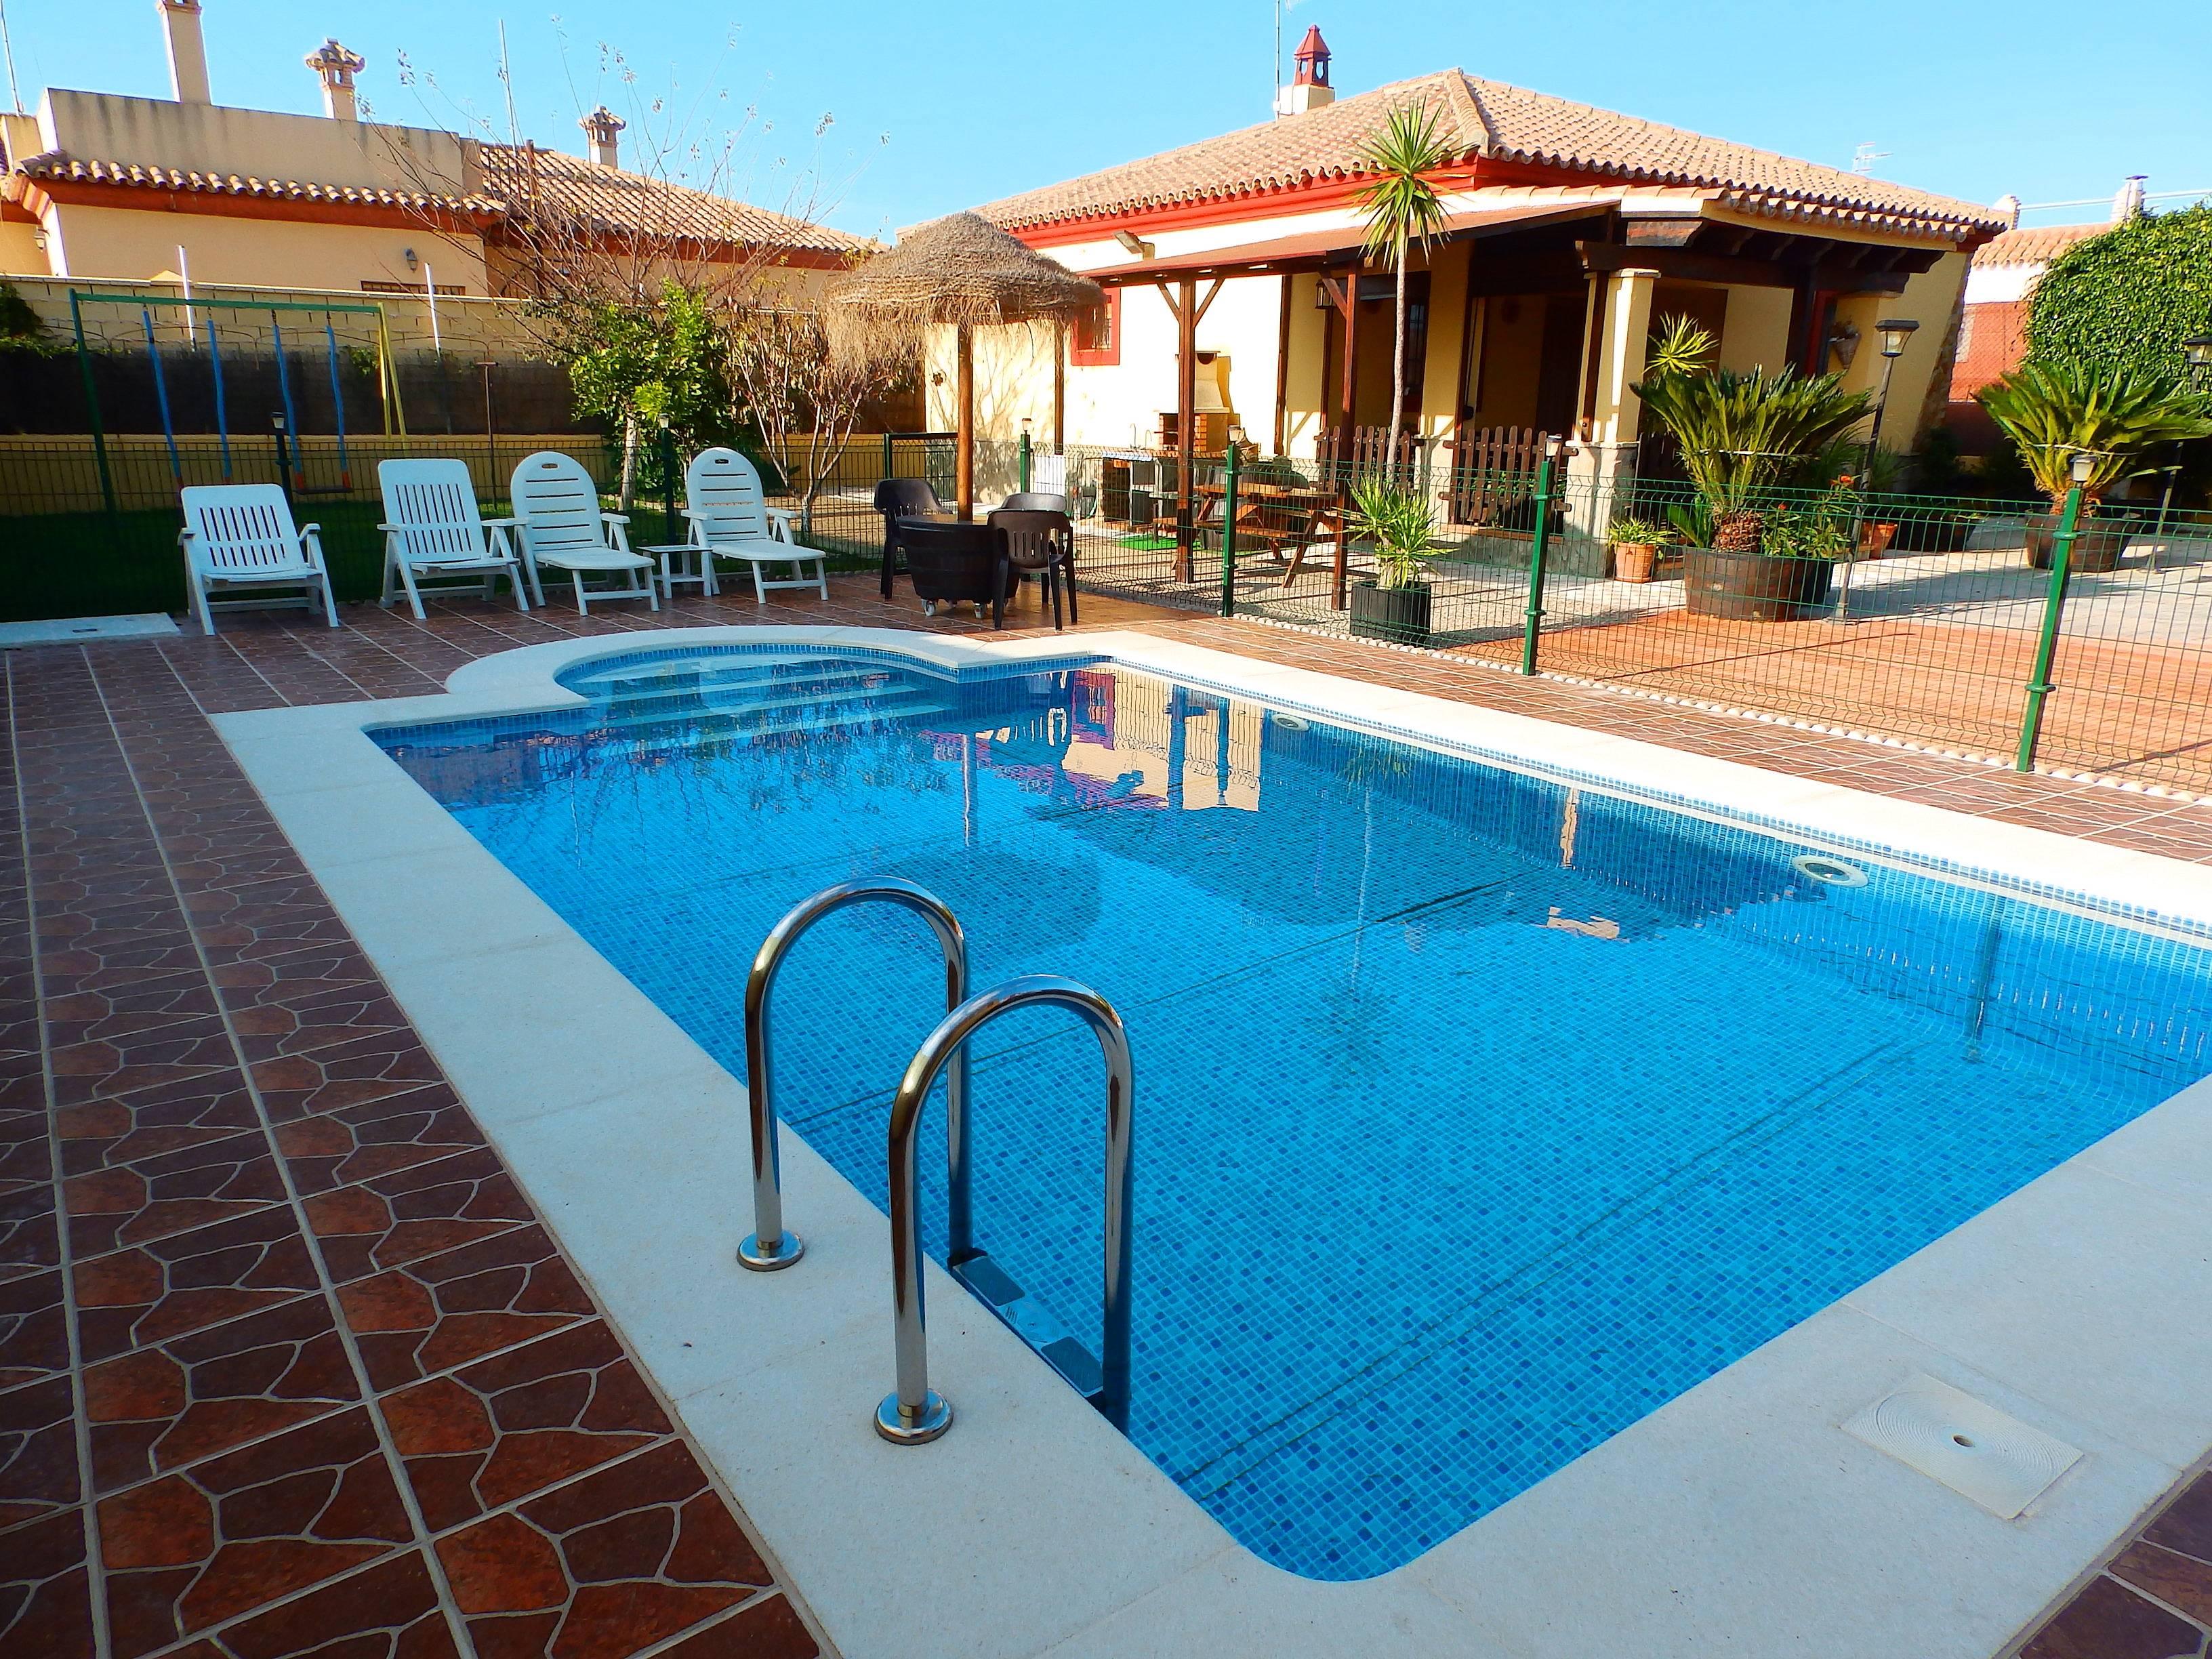 Alquiler de casas vacacionales en sanl car de barrameda for Casas con piscina cadiz alquiler